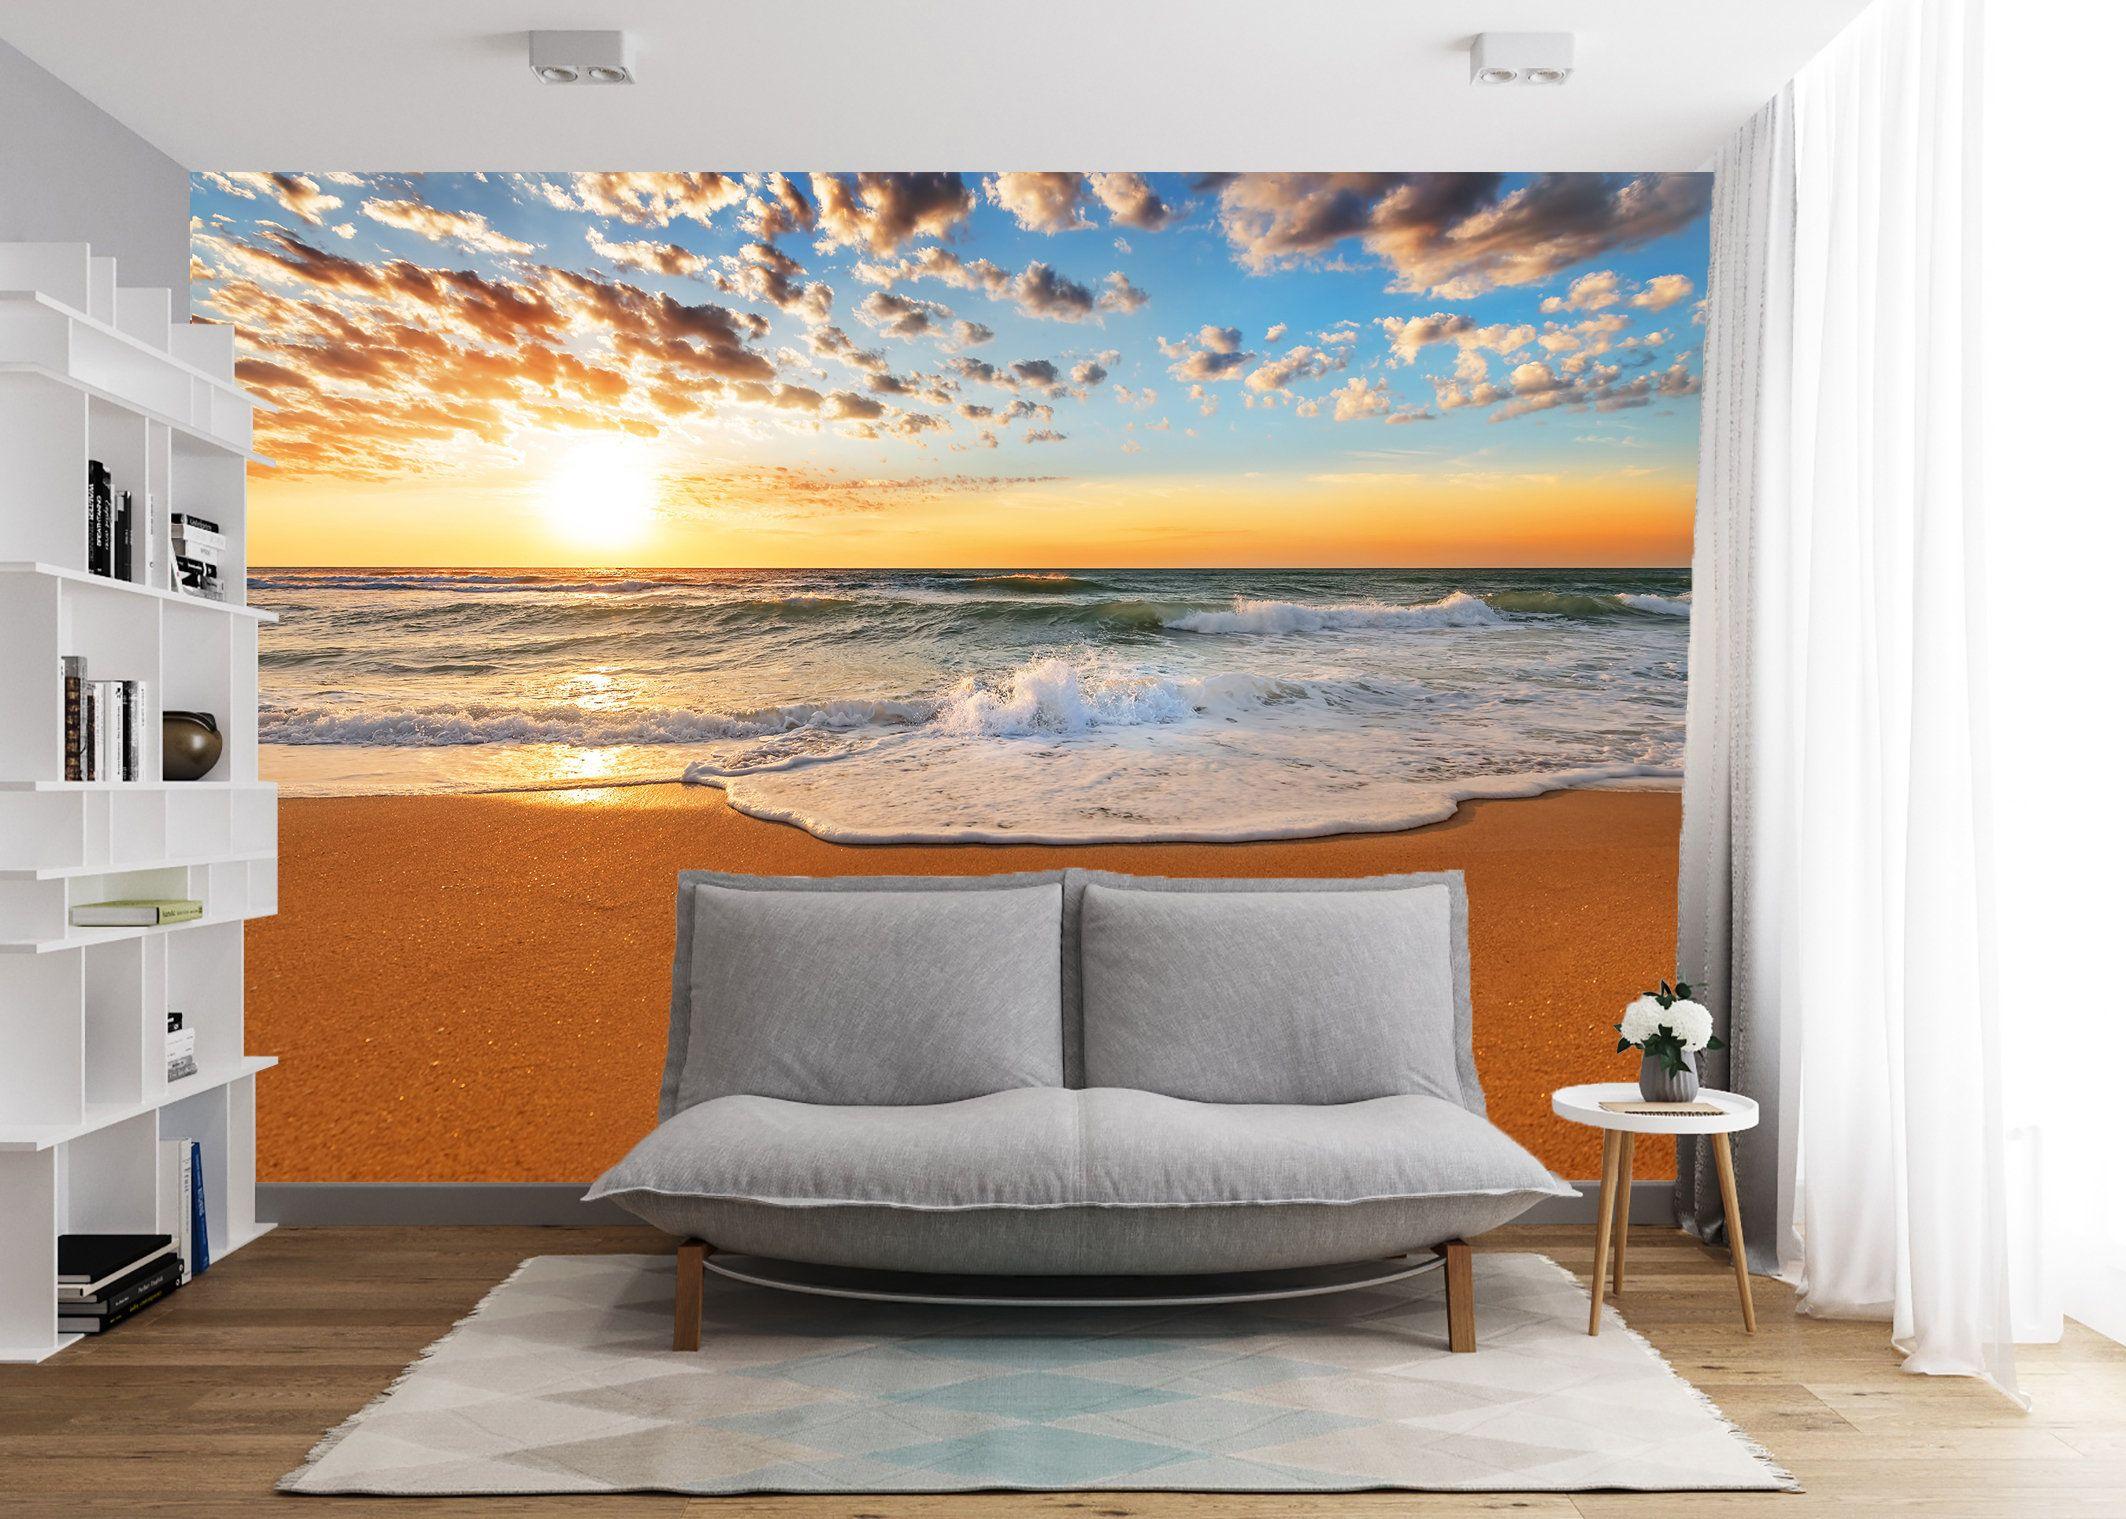 Sea Sunset Vinyl Wallpaper Ocean Beach Wall Mural Sea Sunset Etsy In 2020 Beach Wall Murals Vinyl Wallpaper Wall Murals